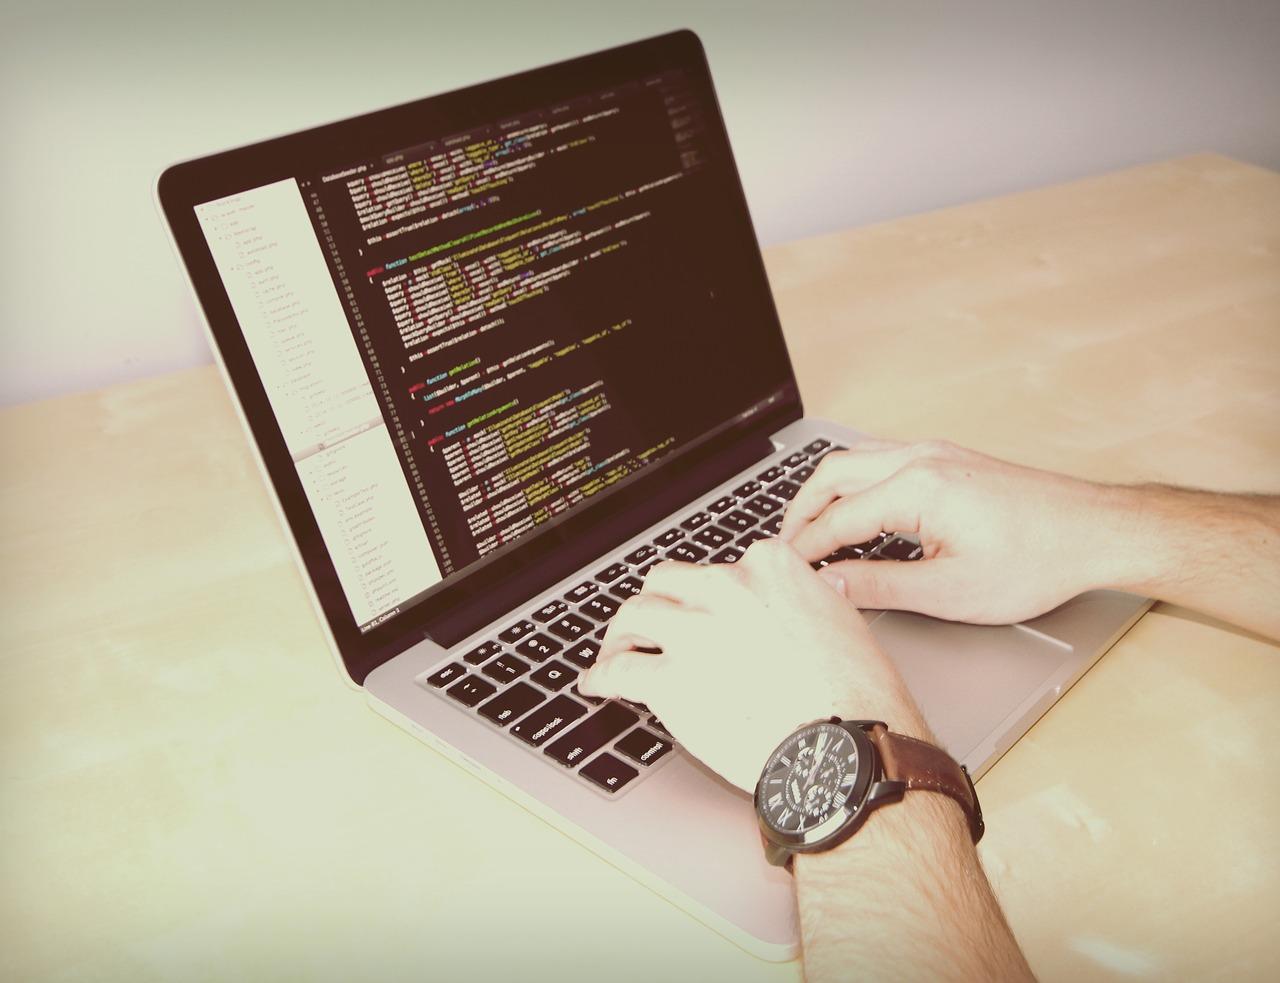 プログラミングを勉強する様子